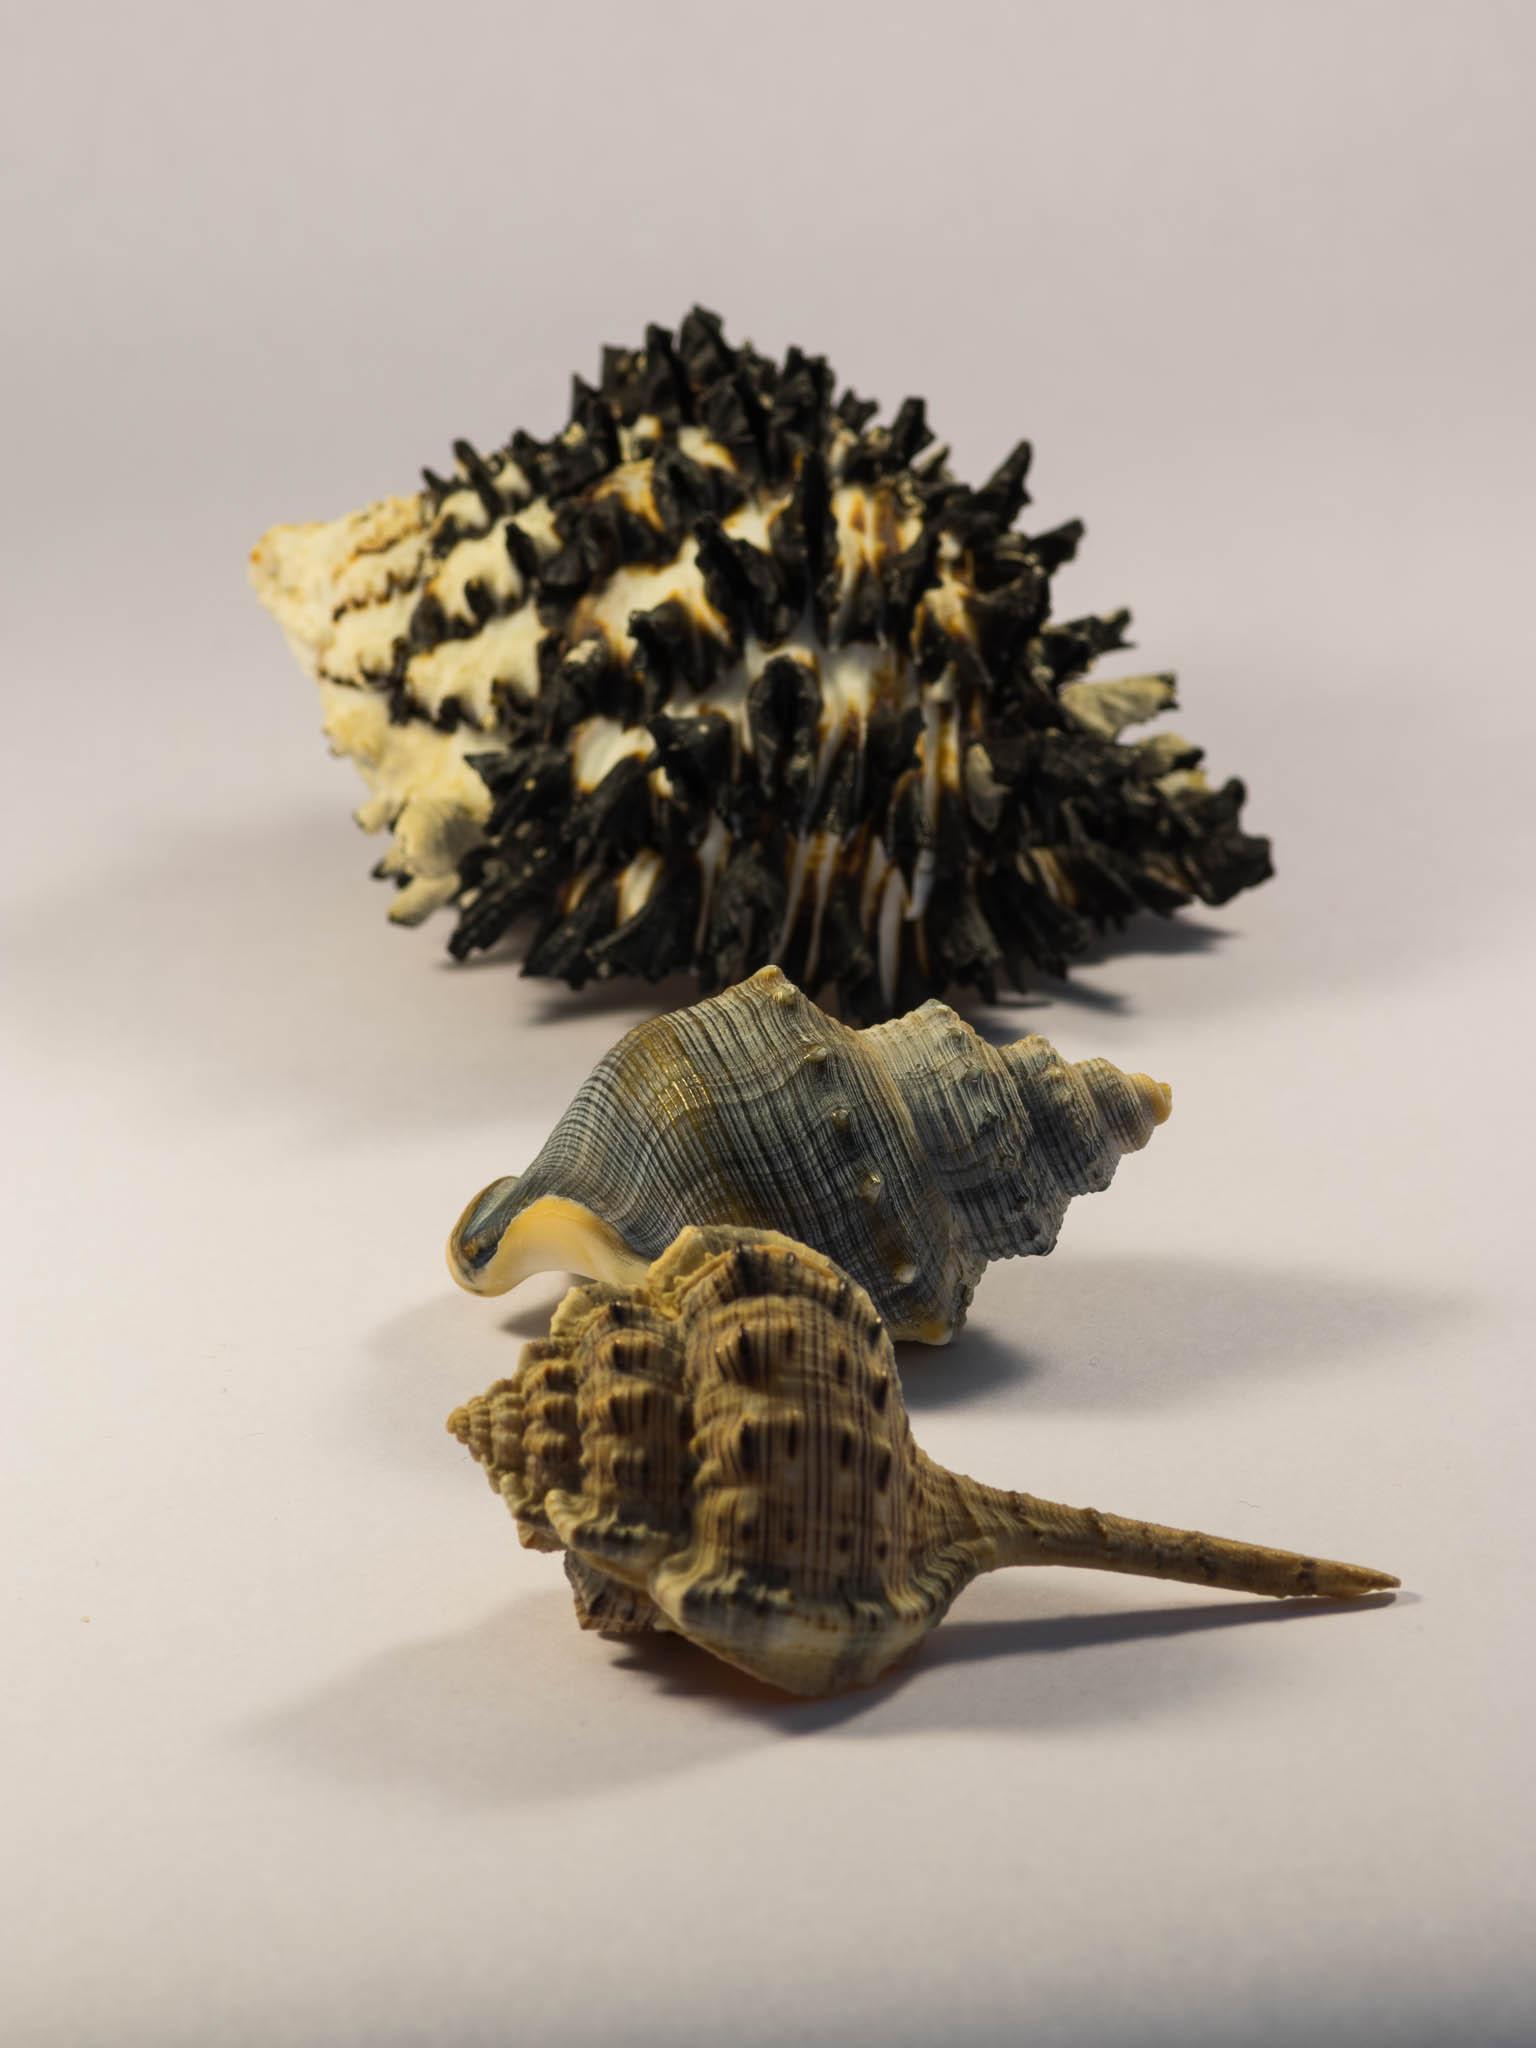 Shells study